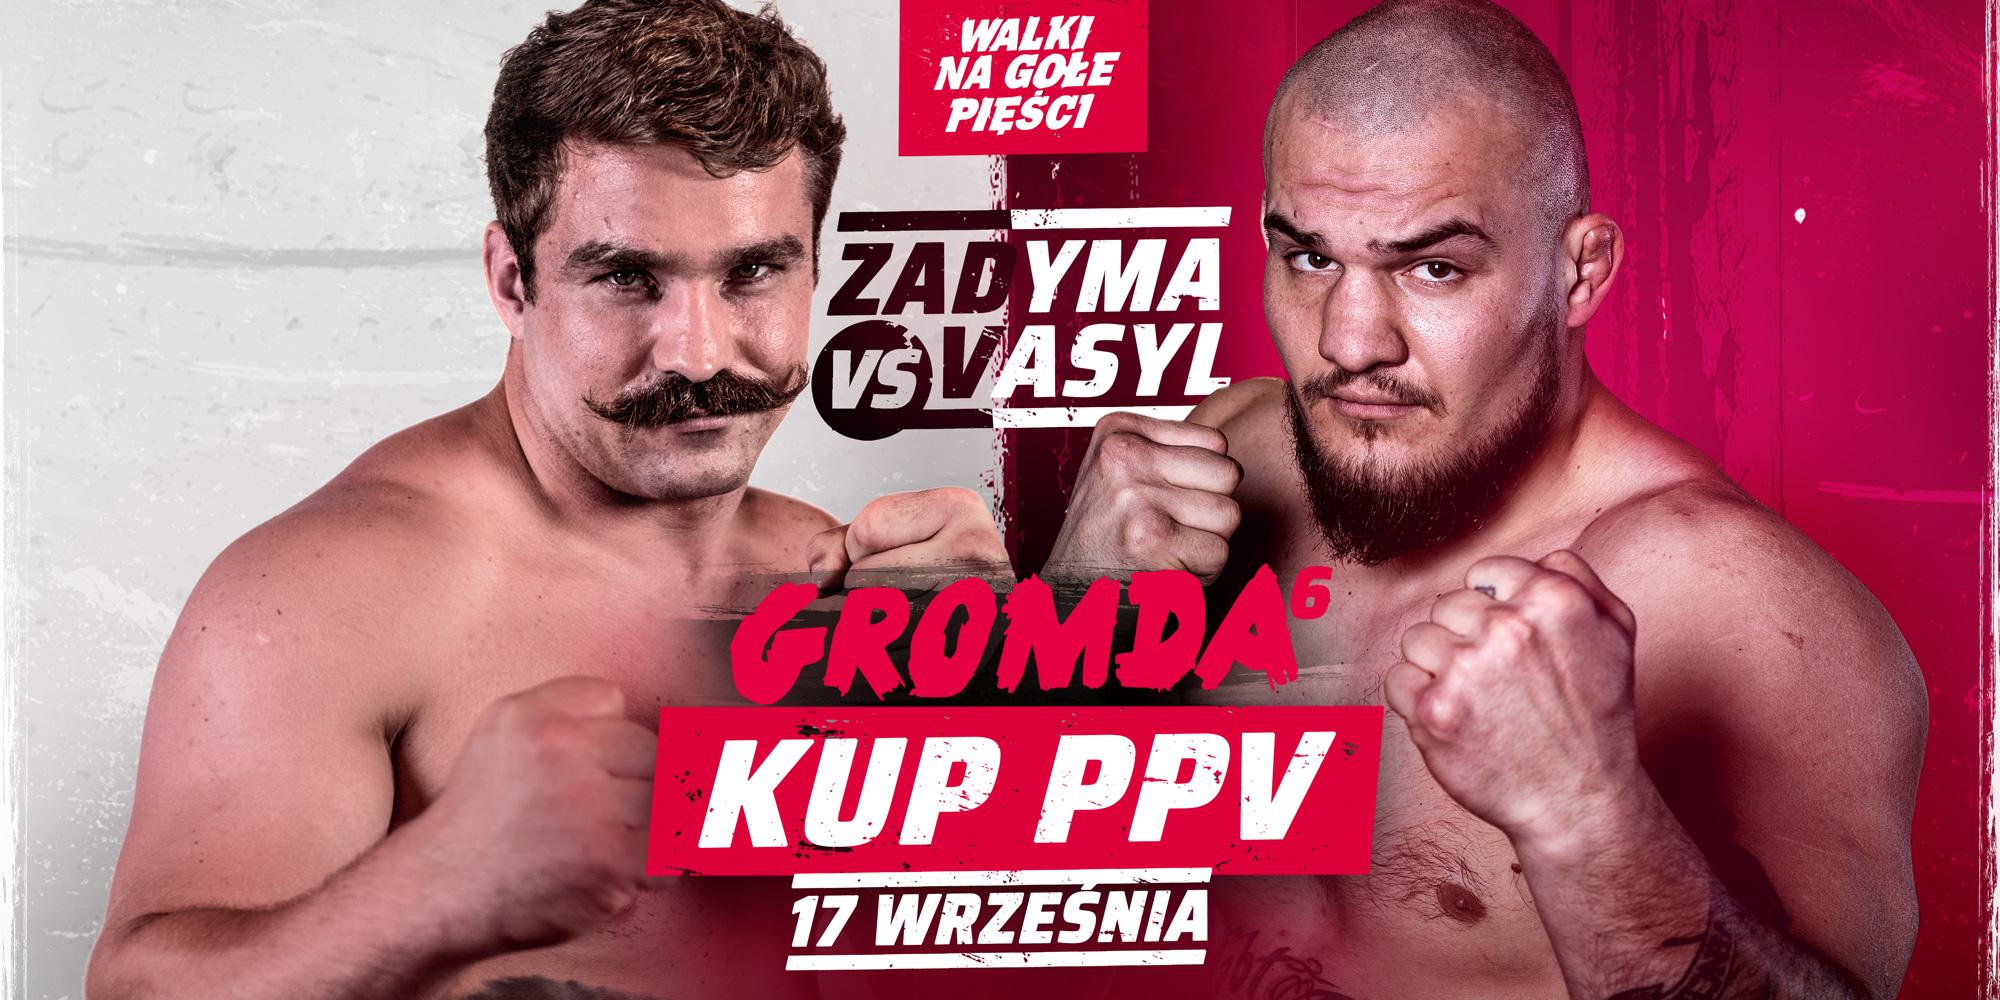 GROMDA 6: ZADYMA vs VASYL. Finał turnieju walk na gołe pięści